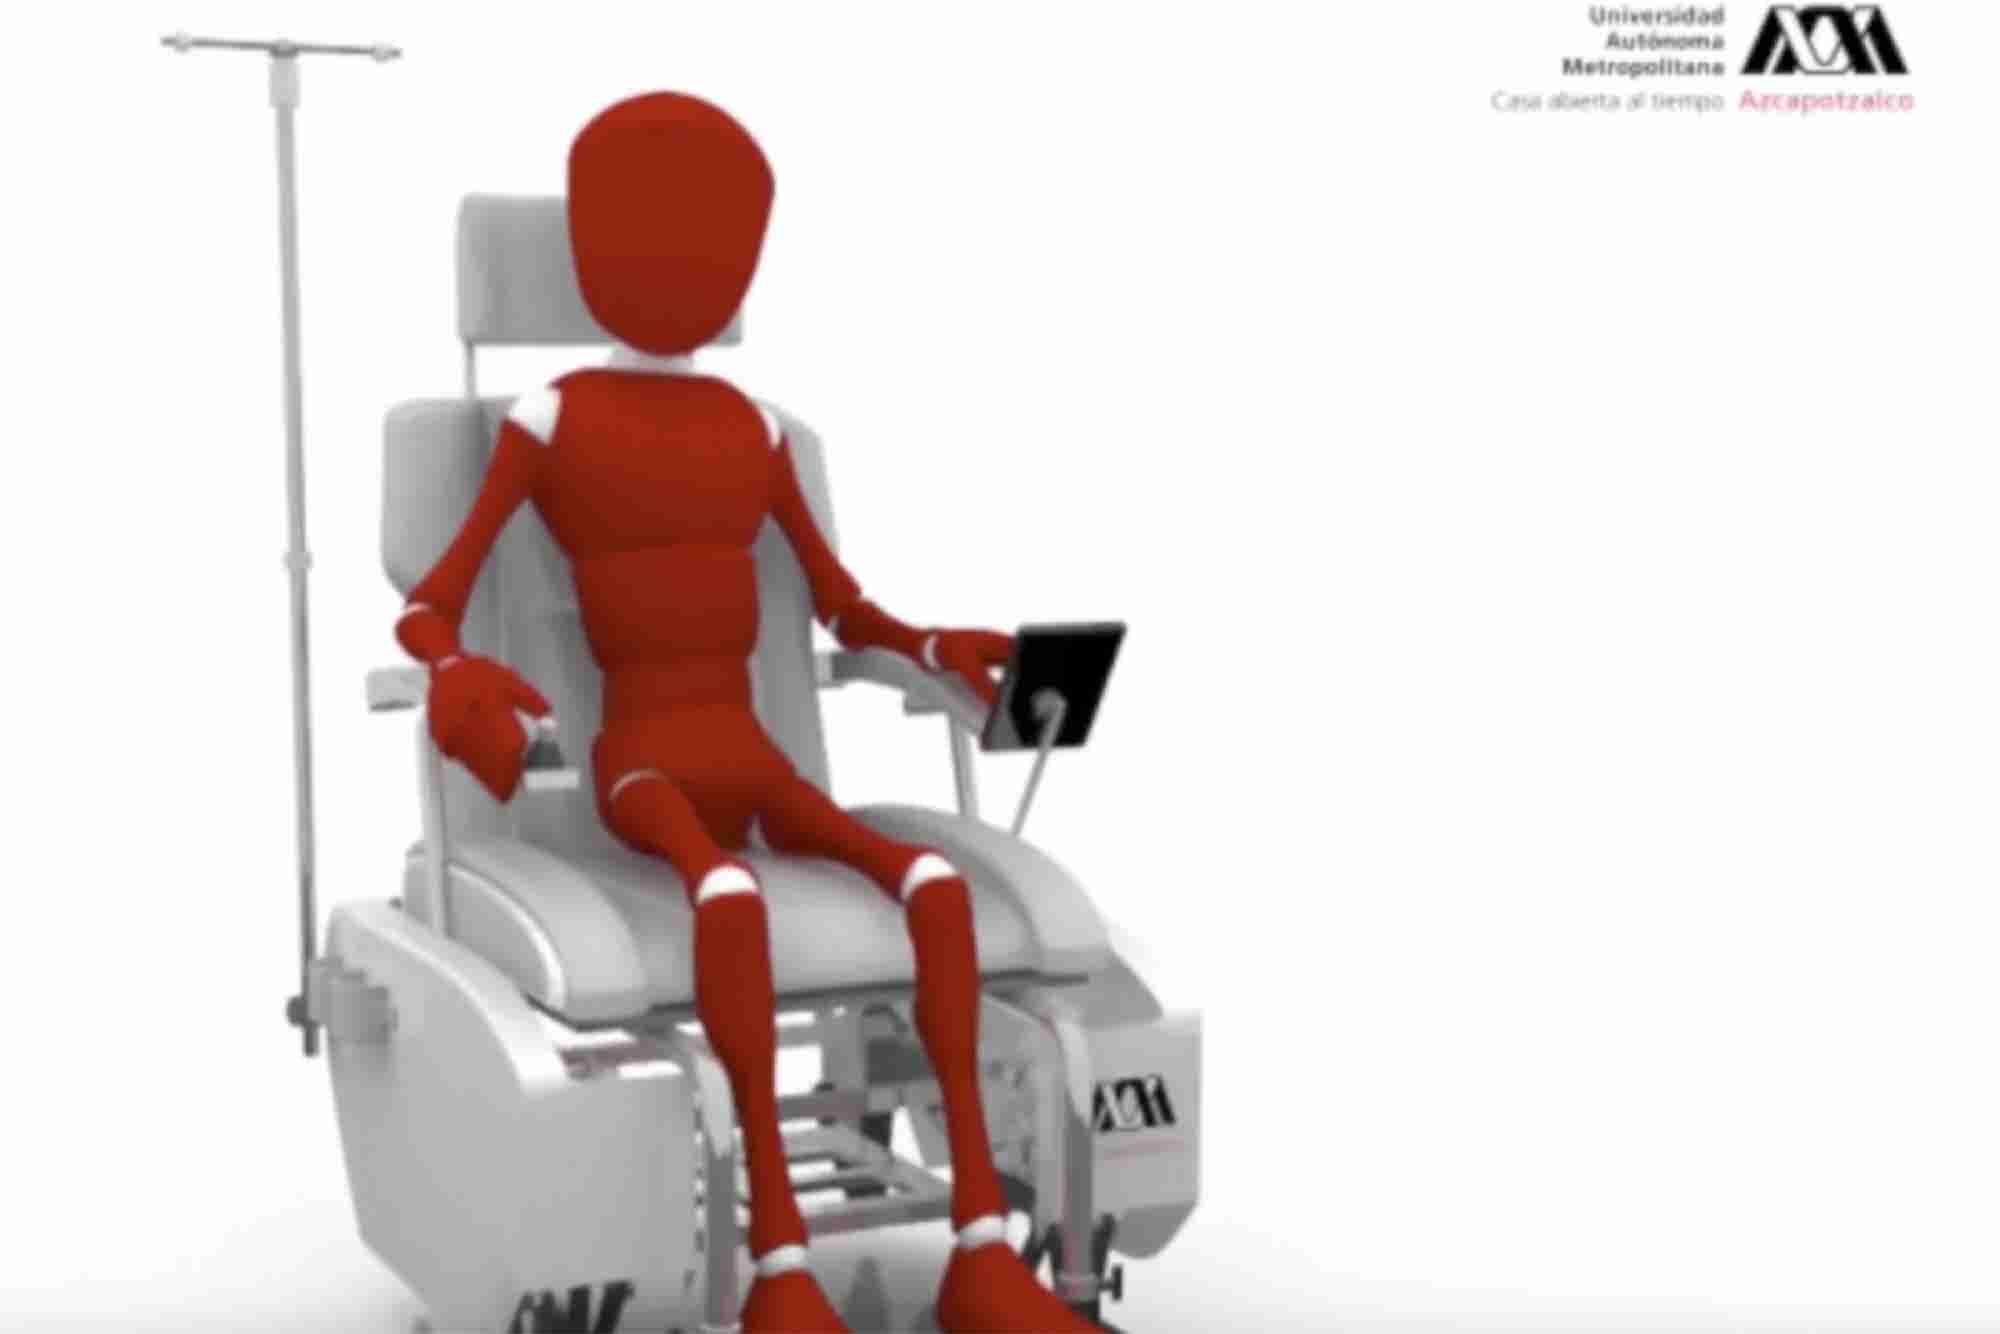 Estudiantes de la UAM crea silla de ruedas todo terreno